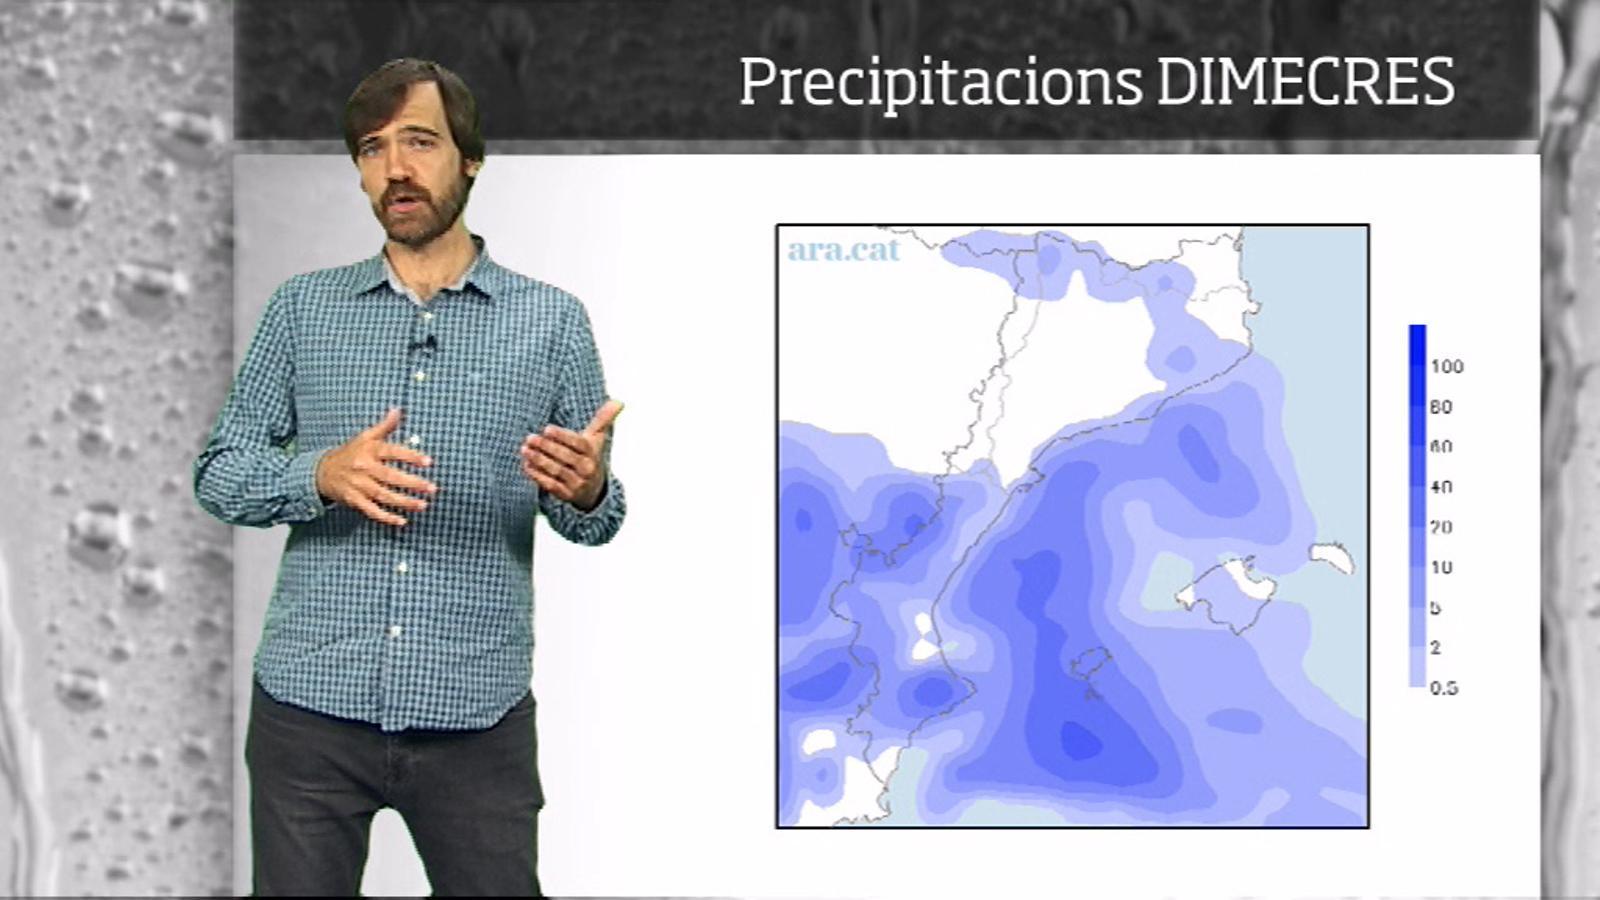 La méteo en 1 minut: temps insegur a l'est i ambient més de tardor